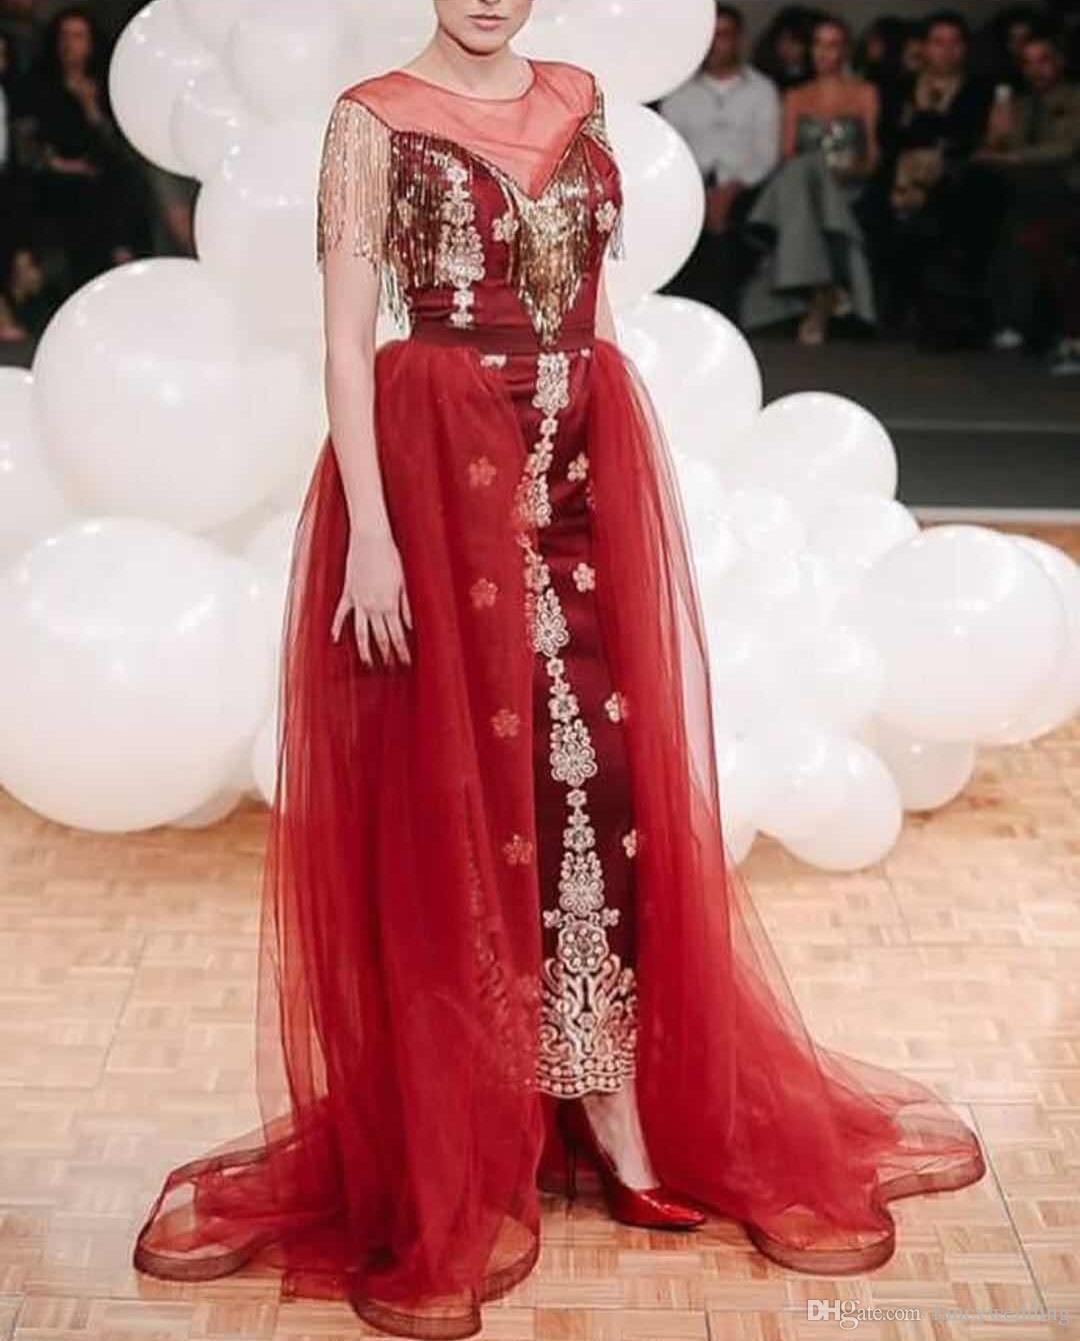 Juwel schiere arabische Tüll Applikationen Quaste rot Sweep Zug abgestufte elegante glamouröse Abendkleid besondere Anlässe Kleid